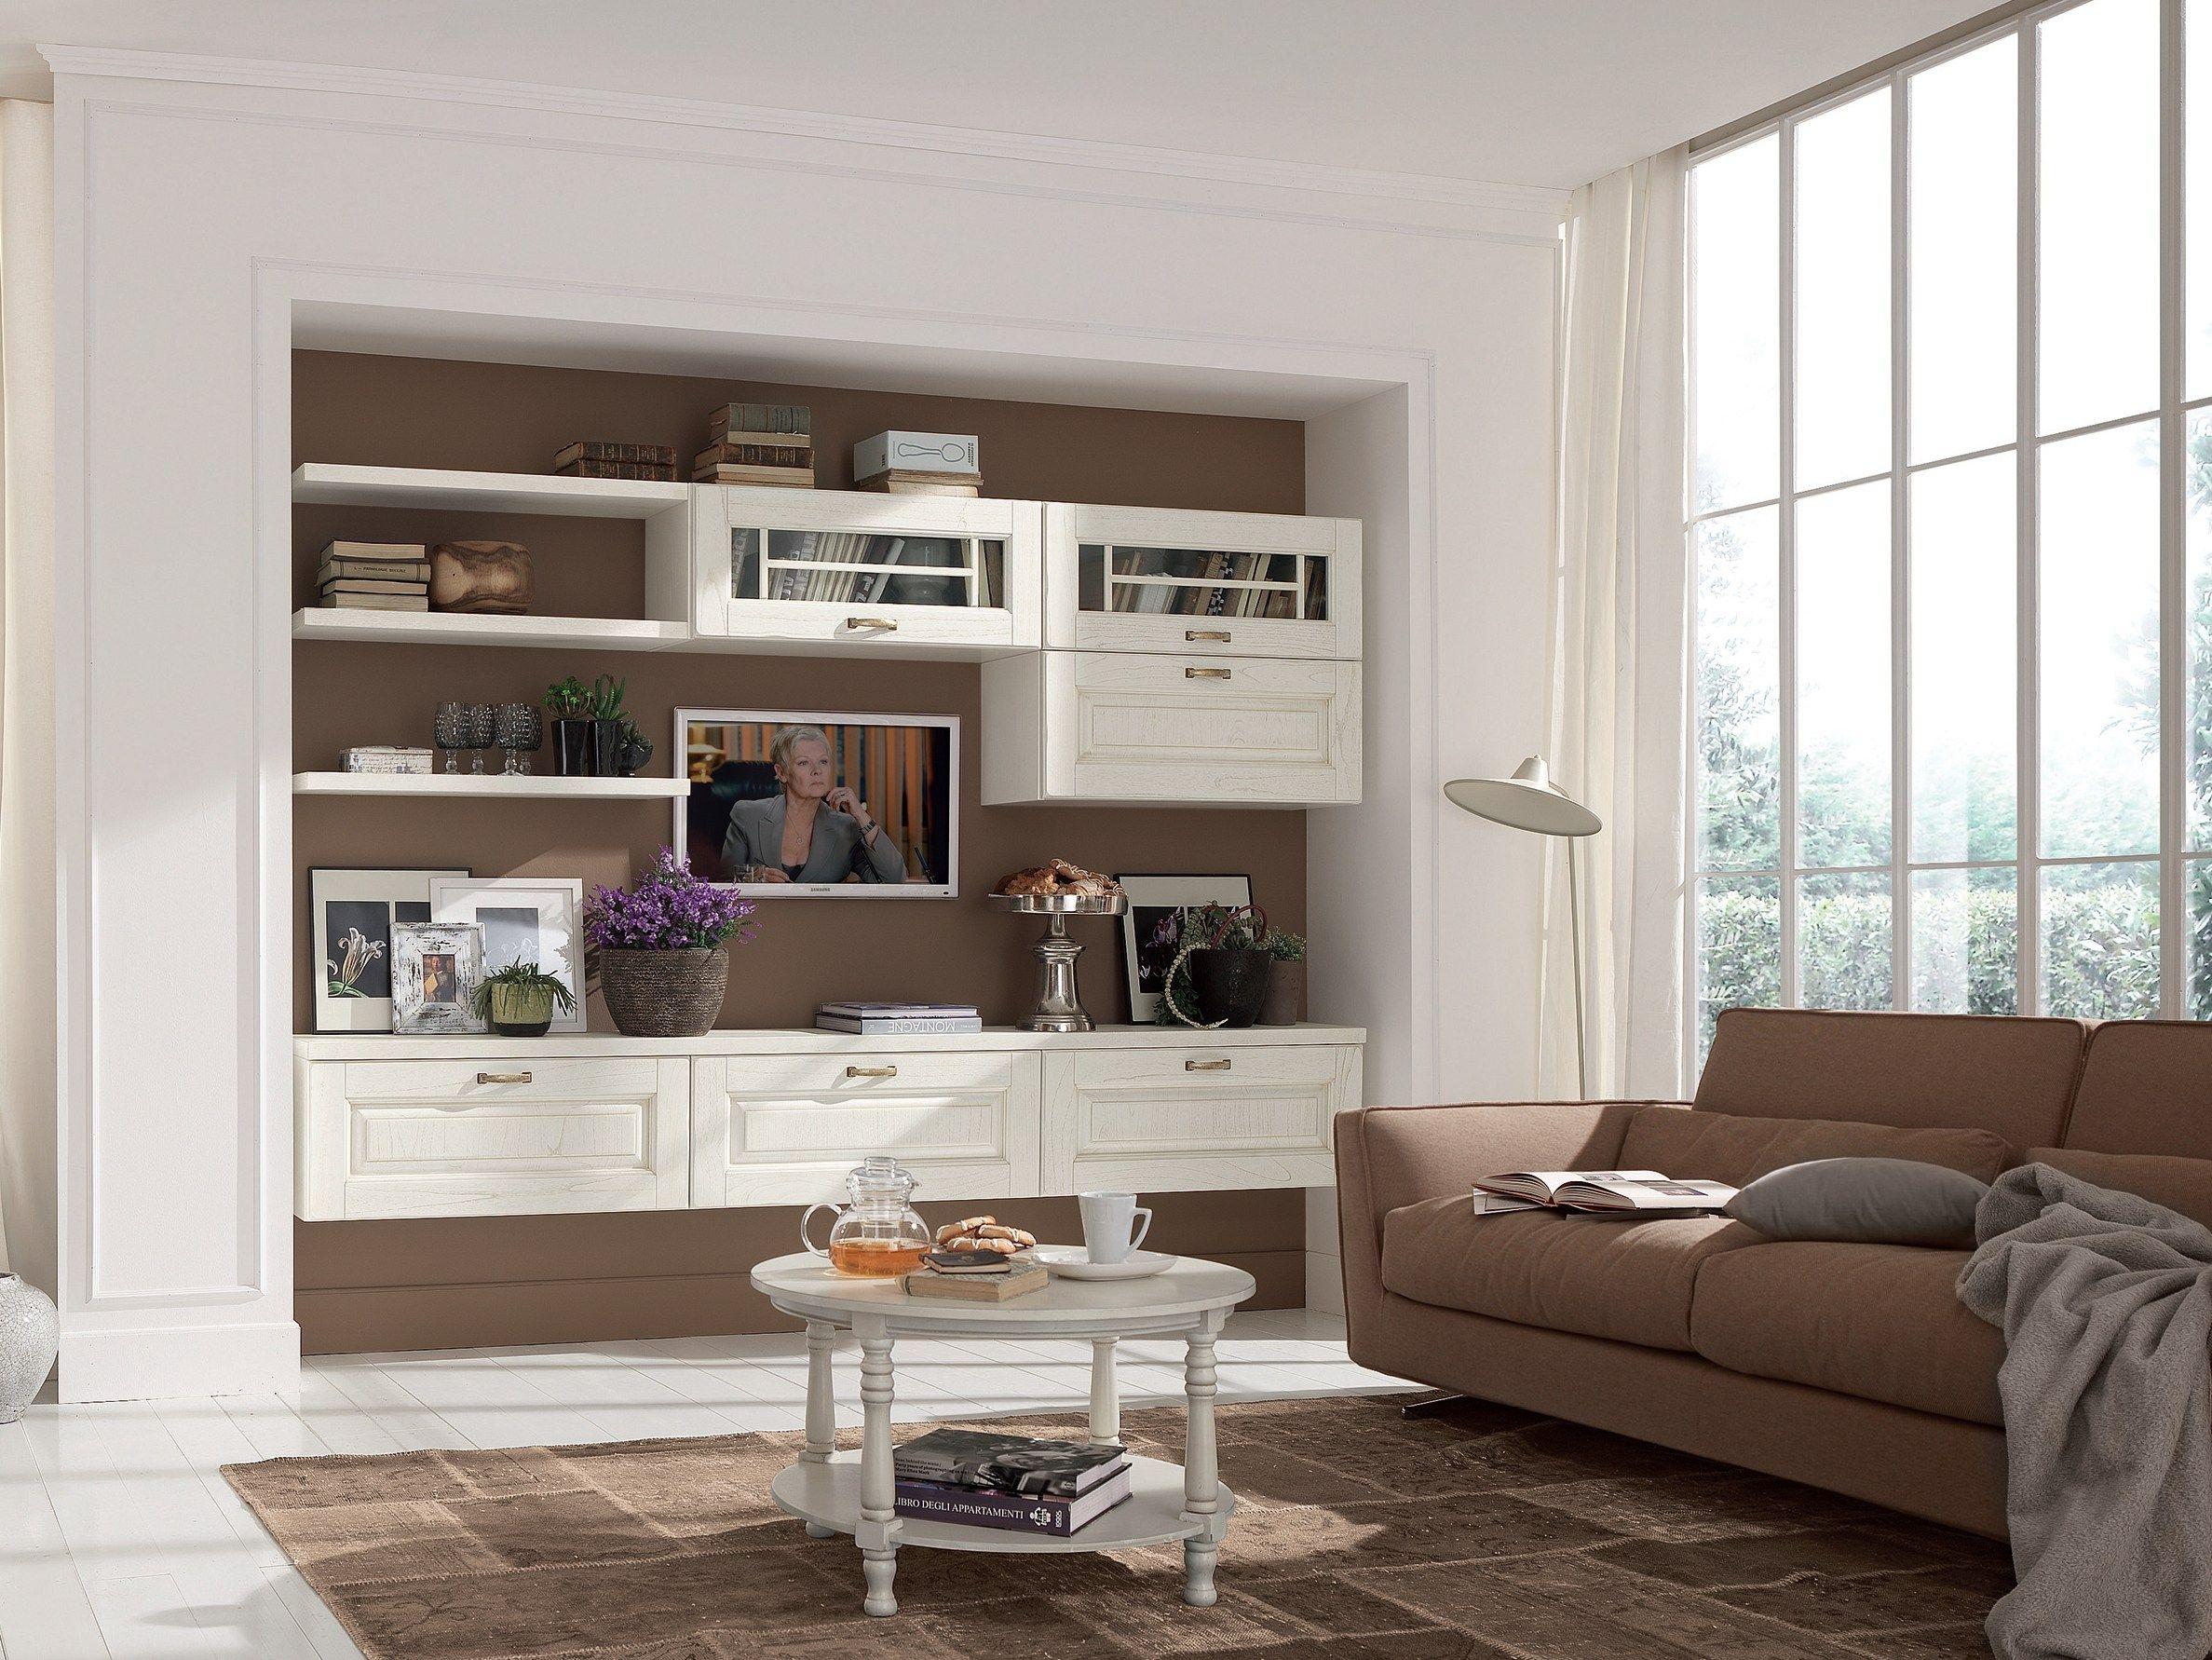 Ikea Soluzioni Camere Ragazzi